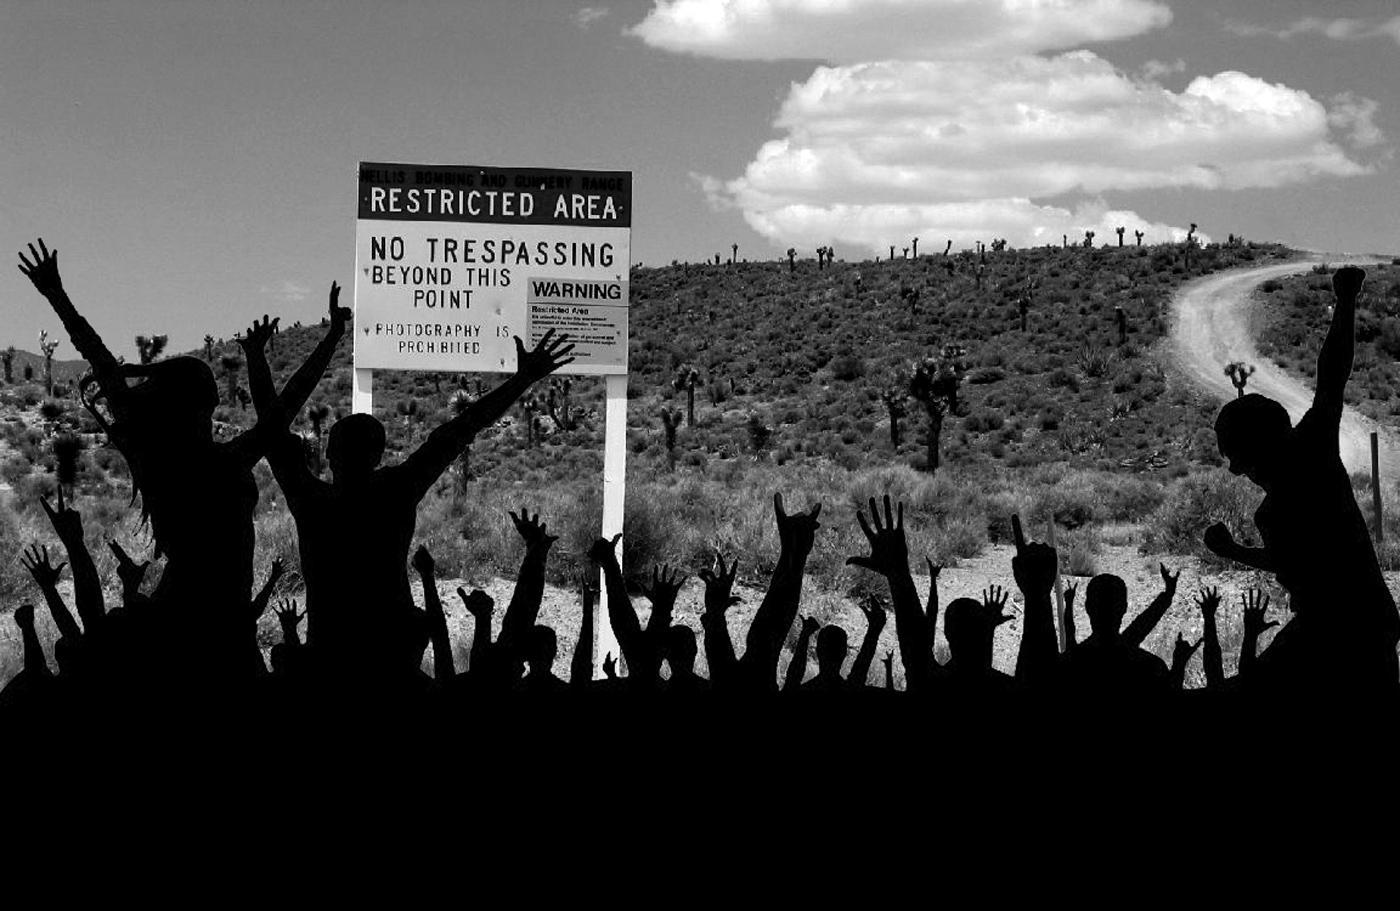 Illustrazione di una folla che si precipita nell'area 51